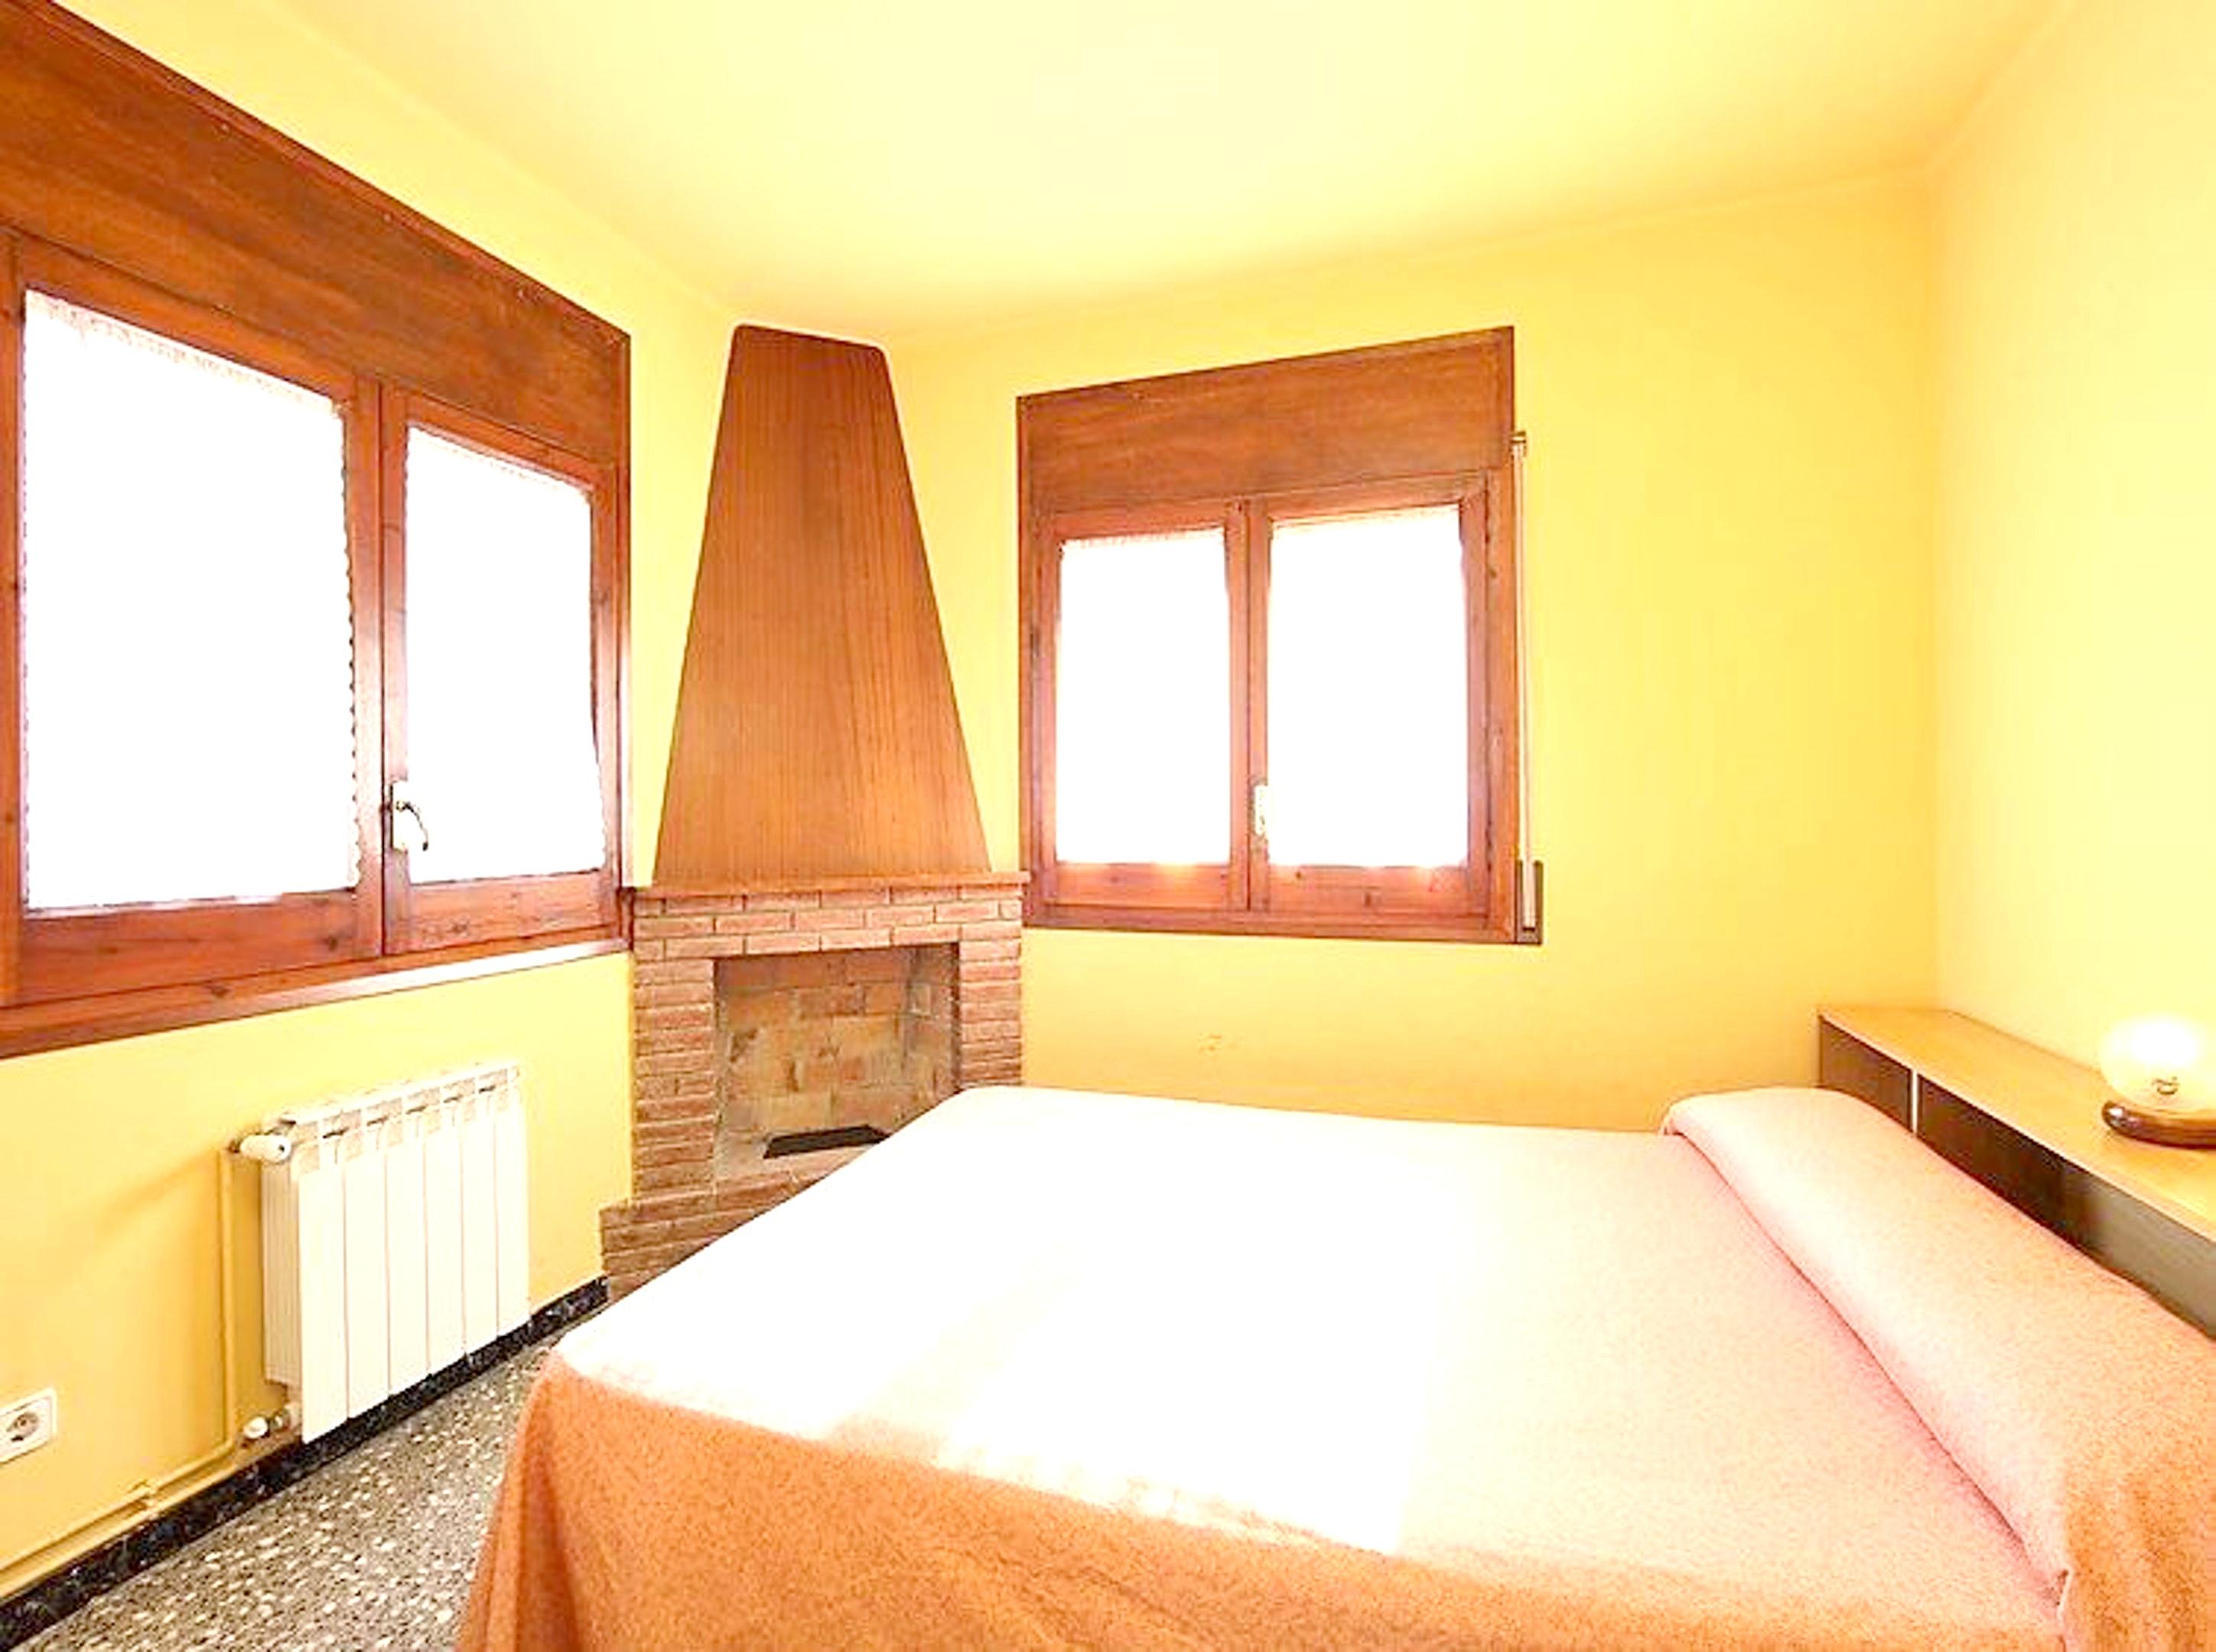 Ferienhaus Villa mit 6 Schlafzimmern in Canyelles mit toller Aussicht auf die Berge, privatem Pool, e (2339365), Canyelles, Costa del Garraf, Katalonien, Spanien, Bild 9